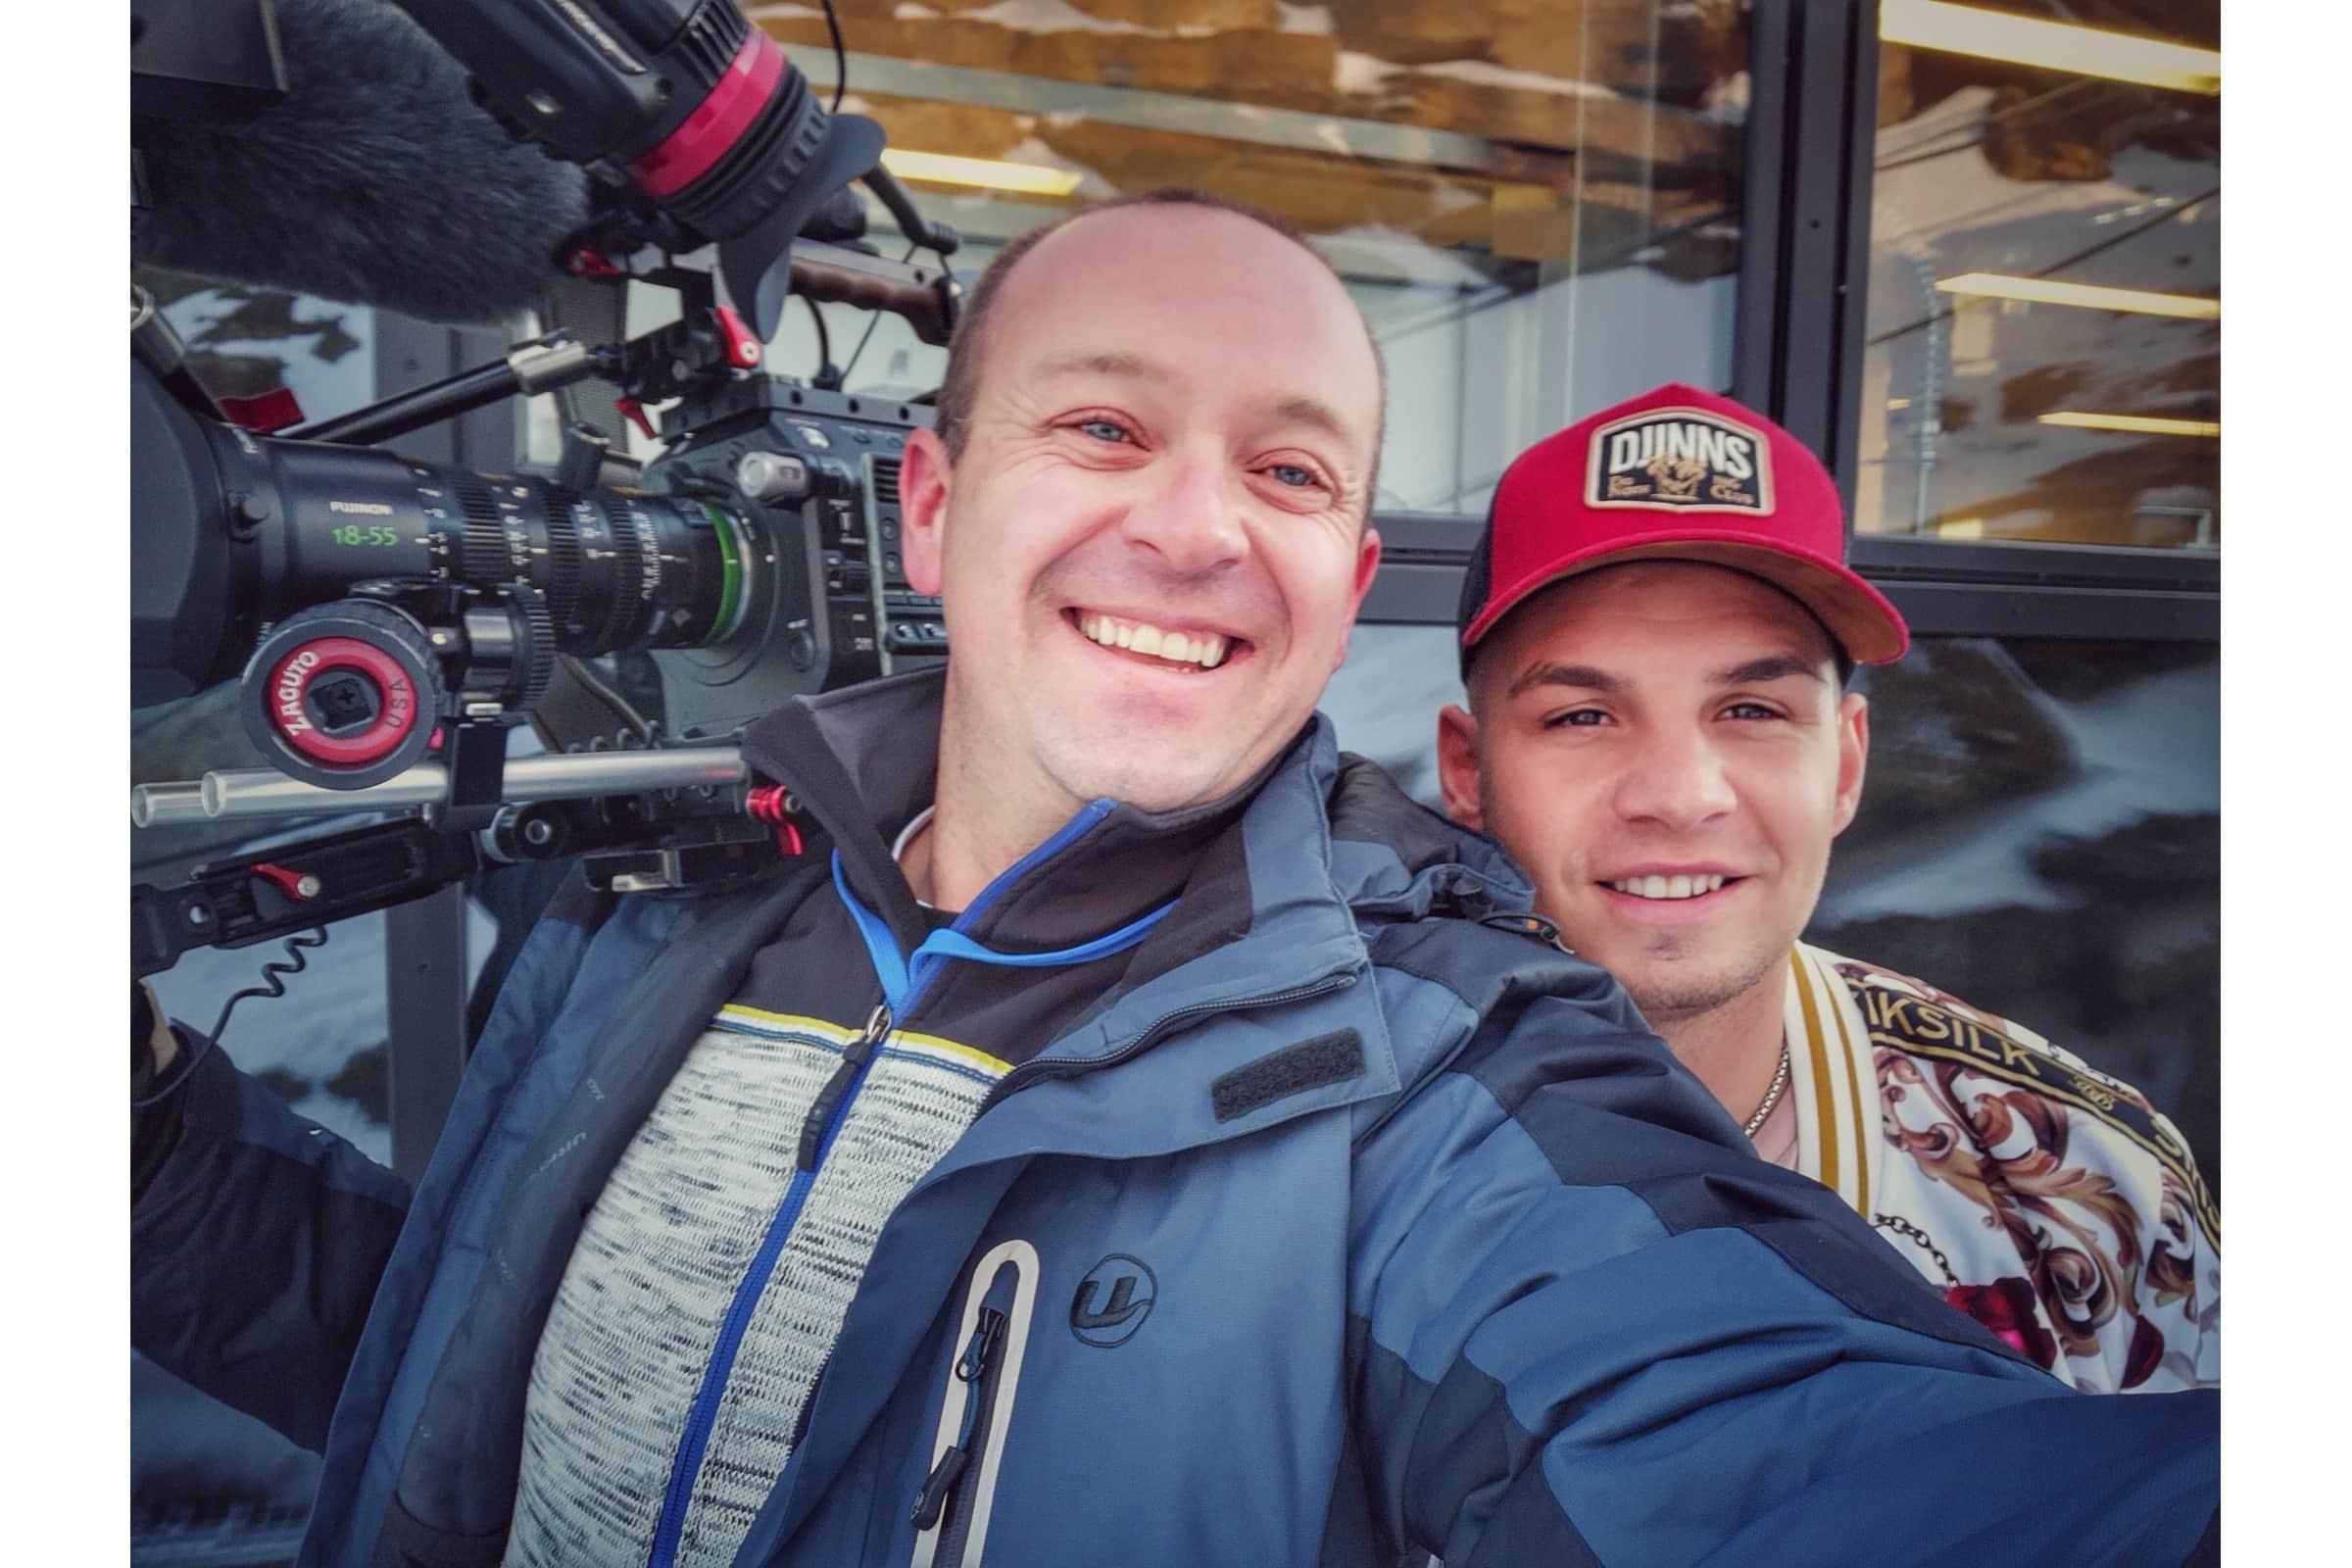 andreas felder kameramann dreharbeiten DSDS2020 RTL 07 07.10.2019 18 07 18 1 - RTL DSDS Deutschland sucht den Superstar 2020